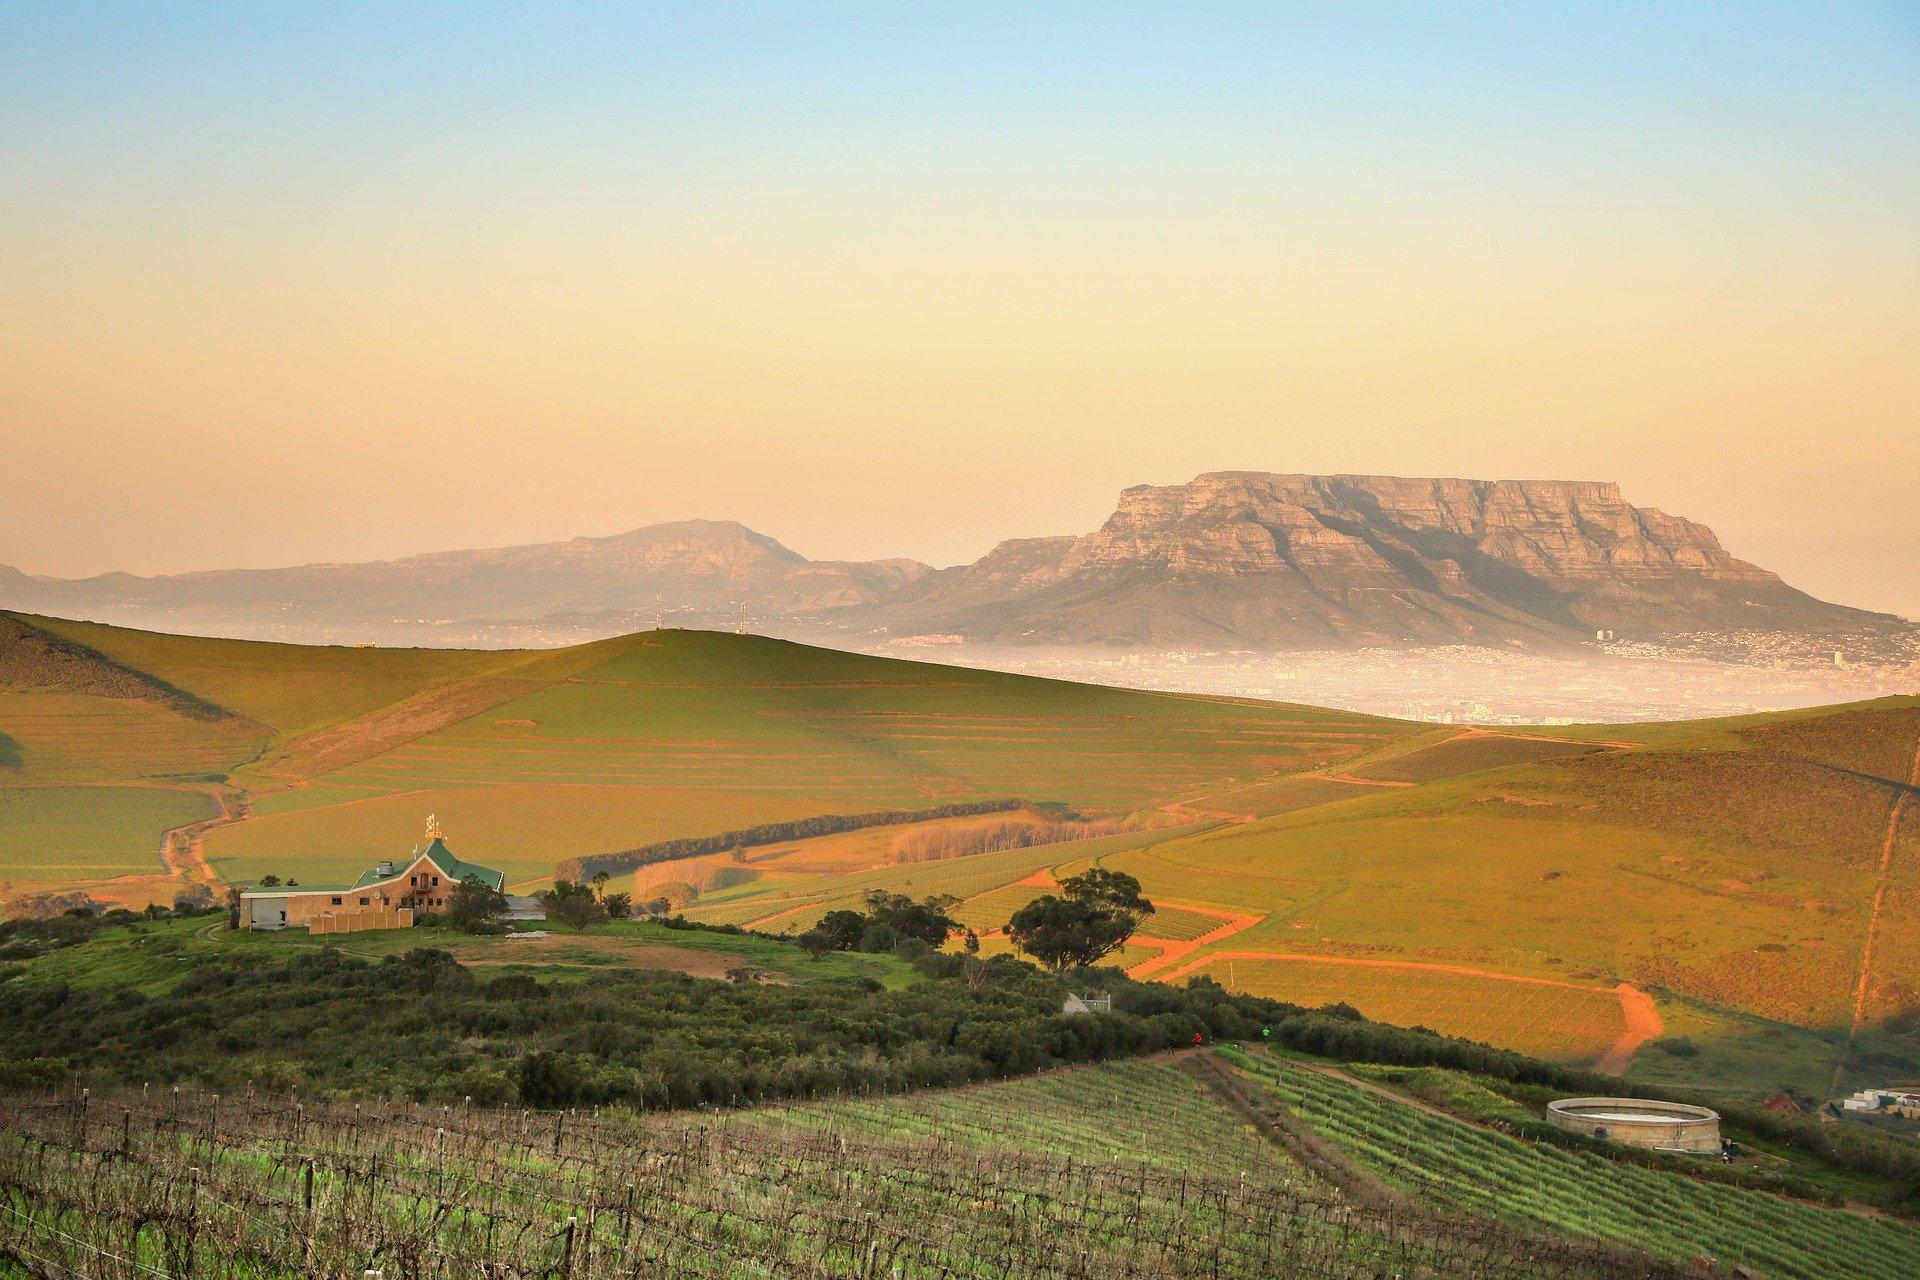 Sprachreise nach Kapstadt: Empfehlungen & Vergleich (03/21)